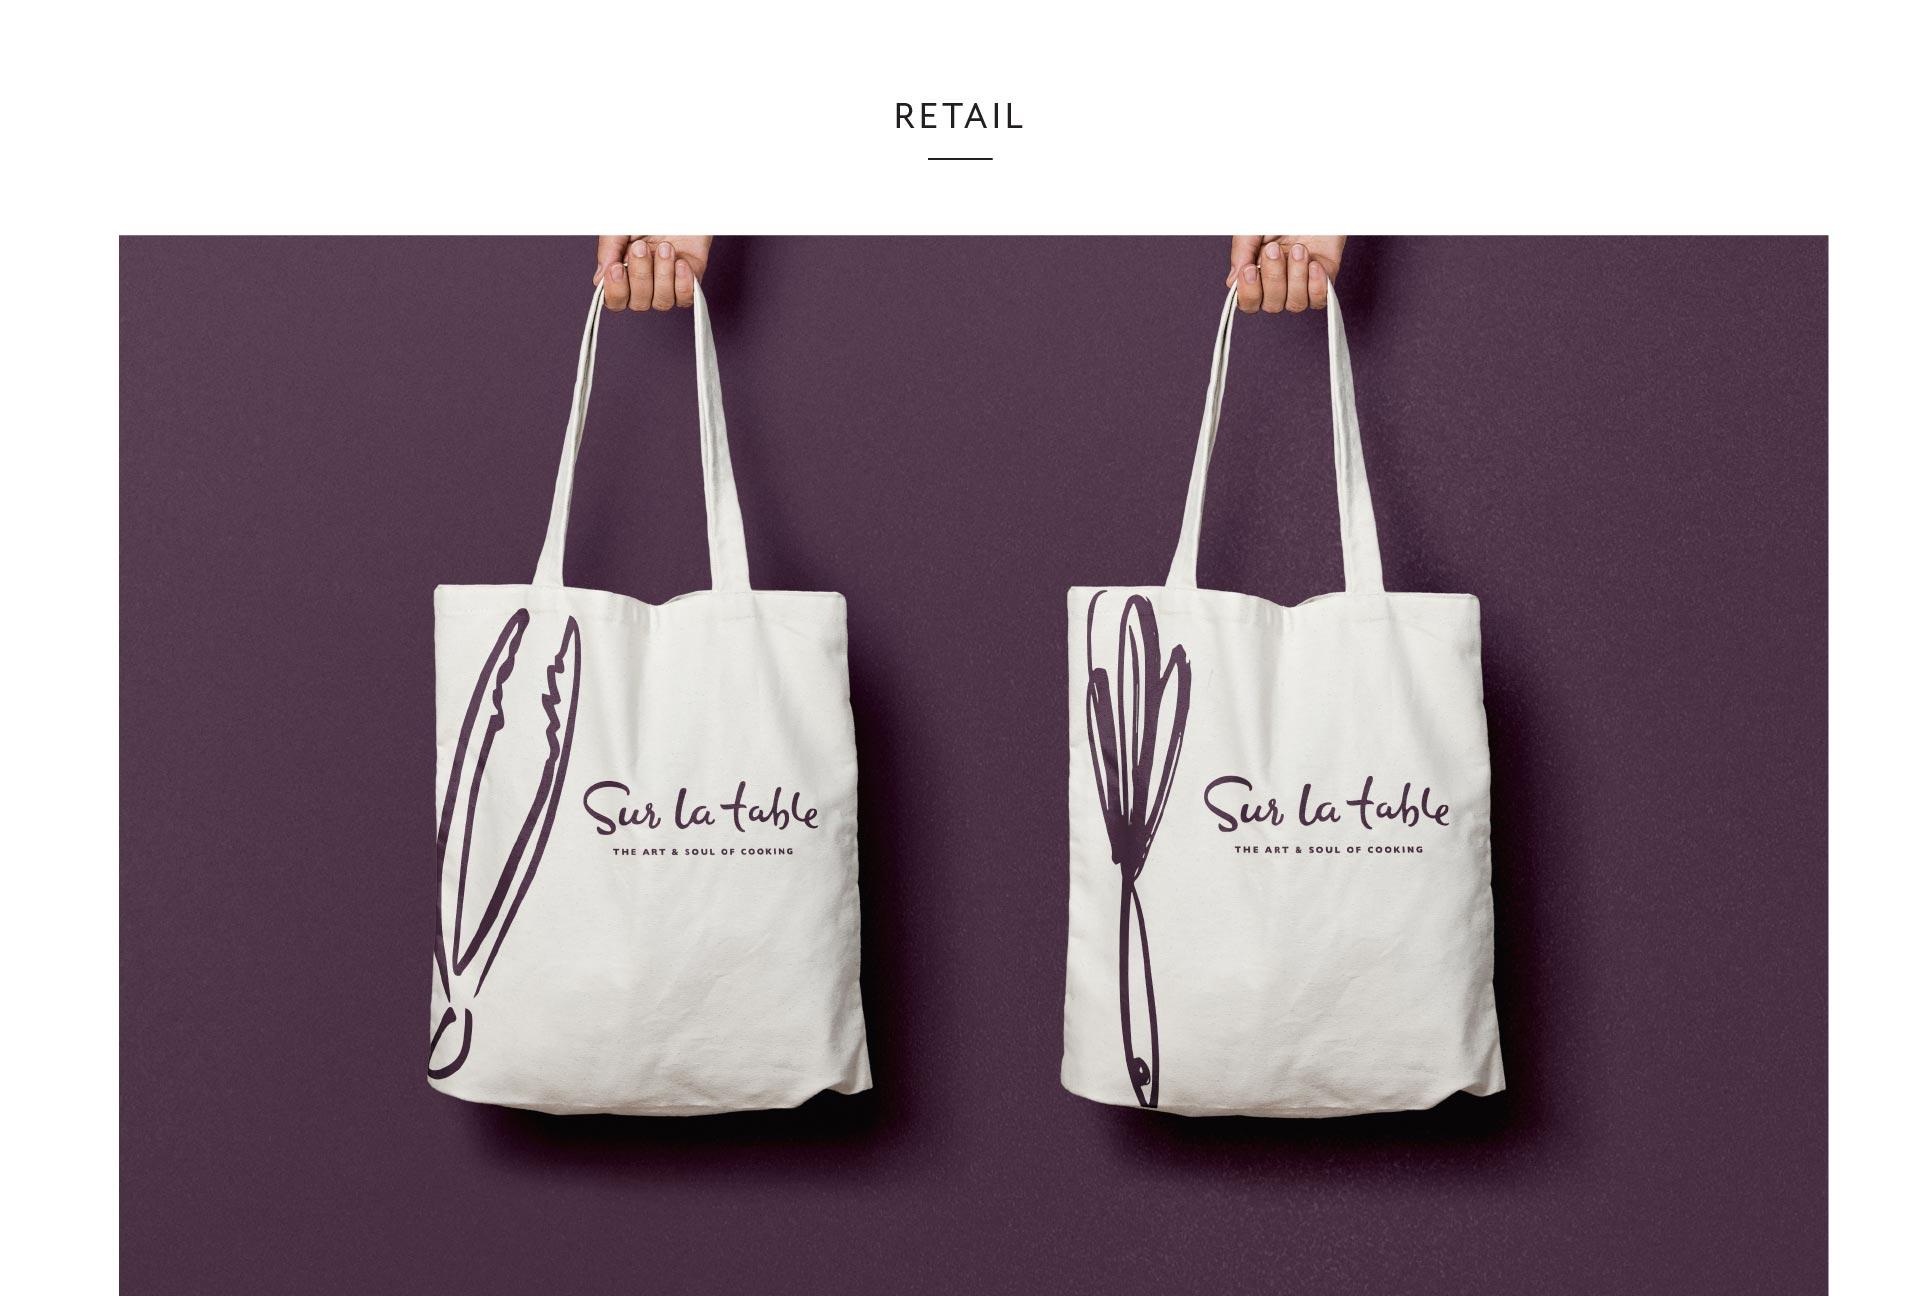 Creative_Retail_Packaging_Branding_Design_Sur_La_Table_15.jpg